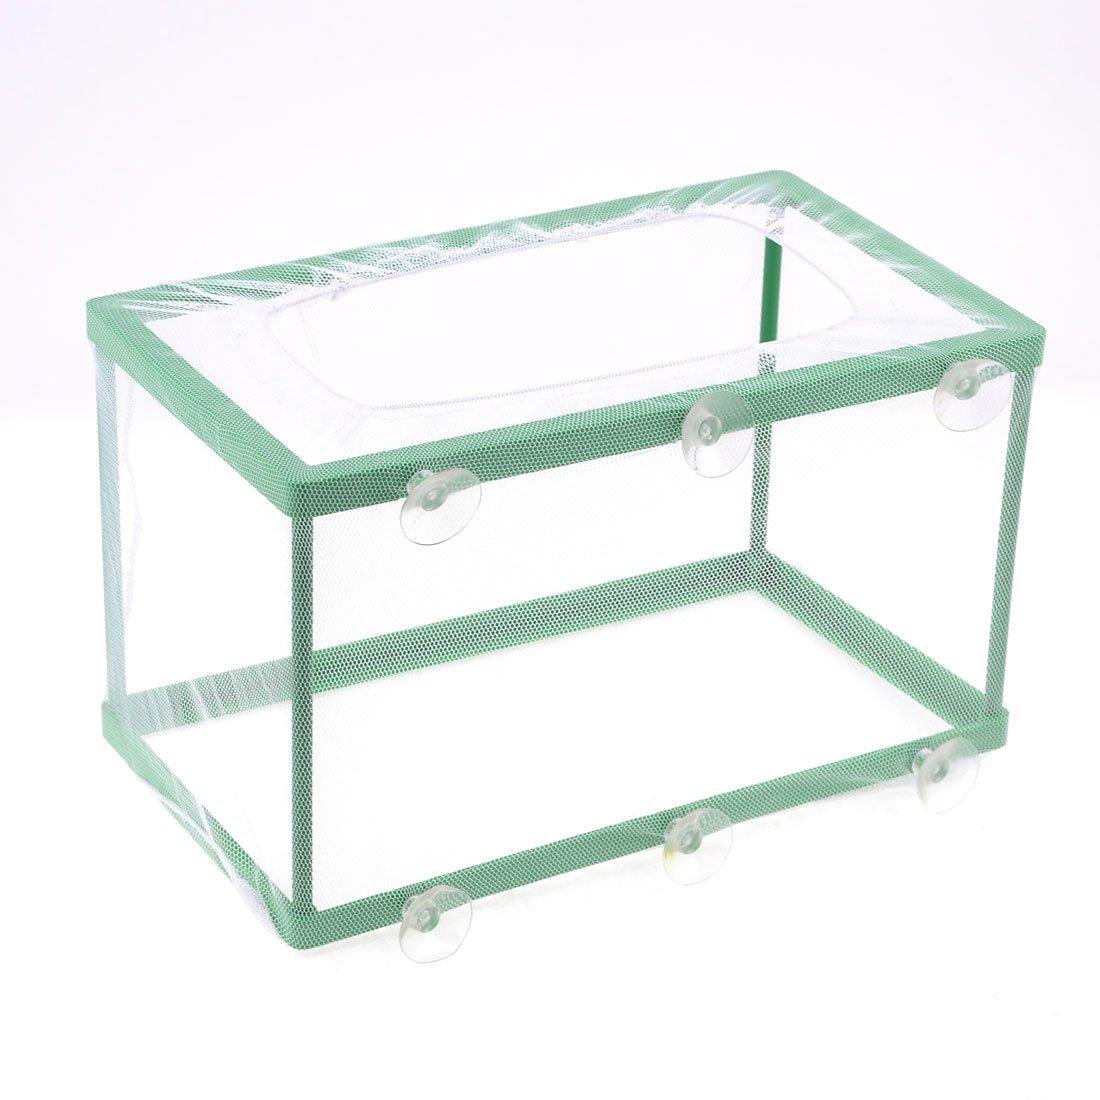 Sourcingmap Pondoir avec filet pour aquarium Blanc/vert a13072900ux1499